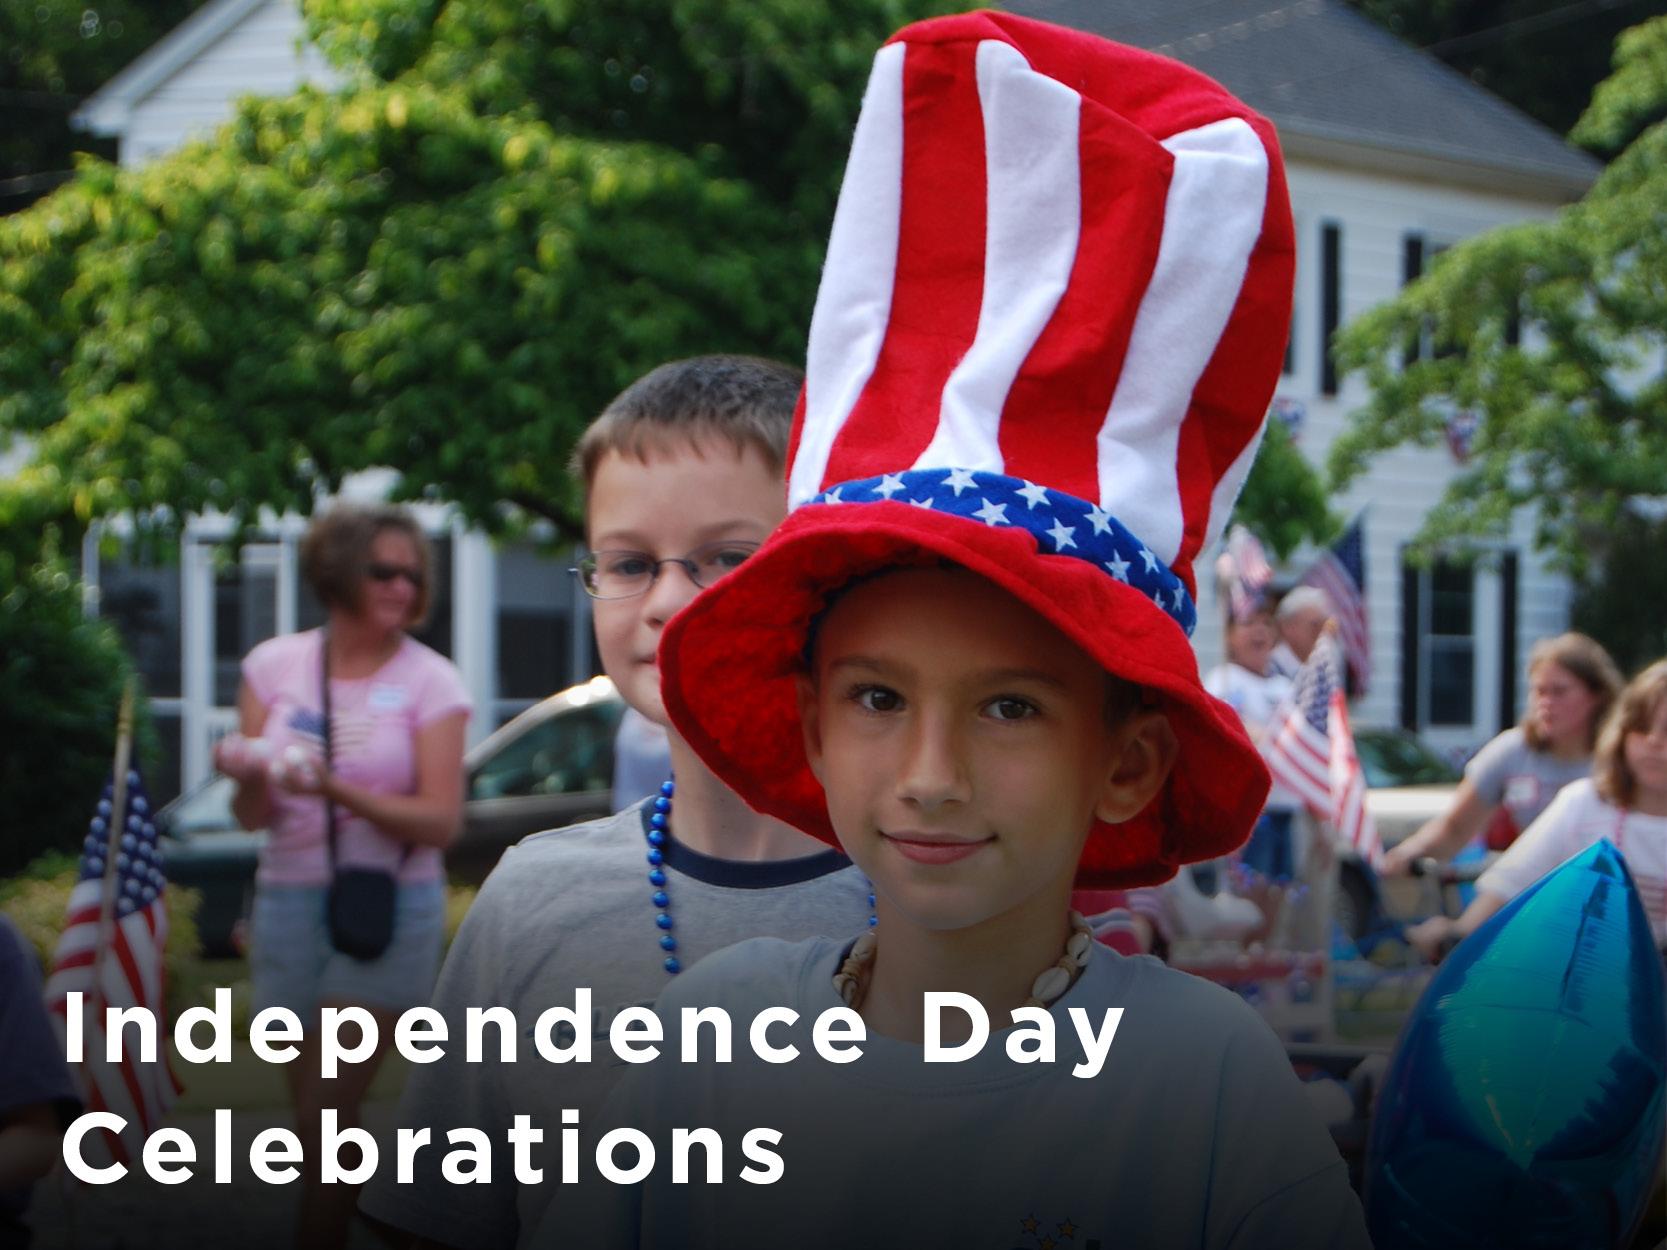 Eden Independence Day Celebrations